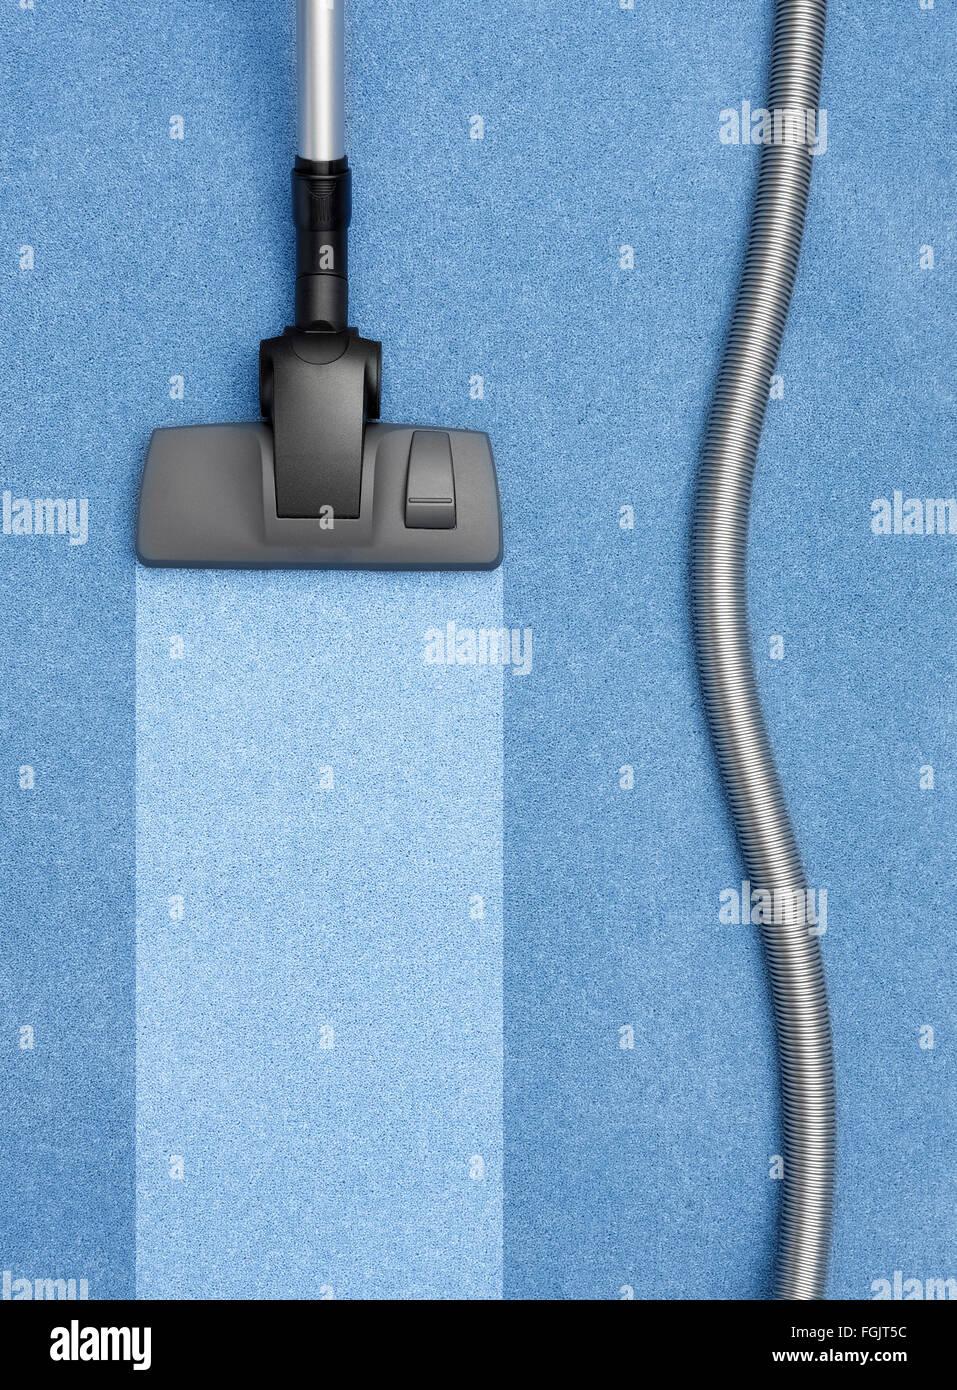 Staubsauger Reinigung des Teppichs Stockbild